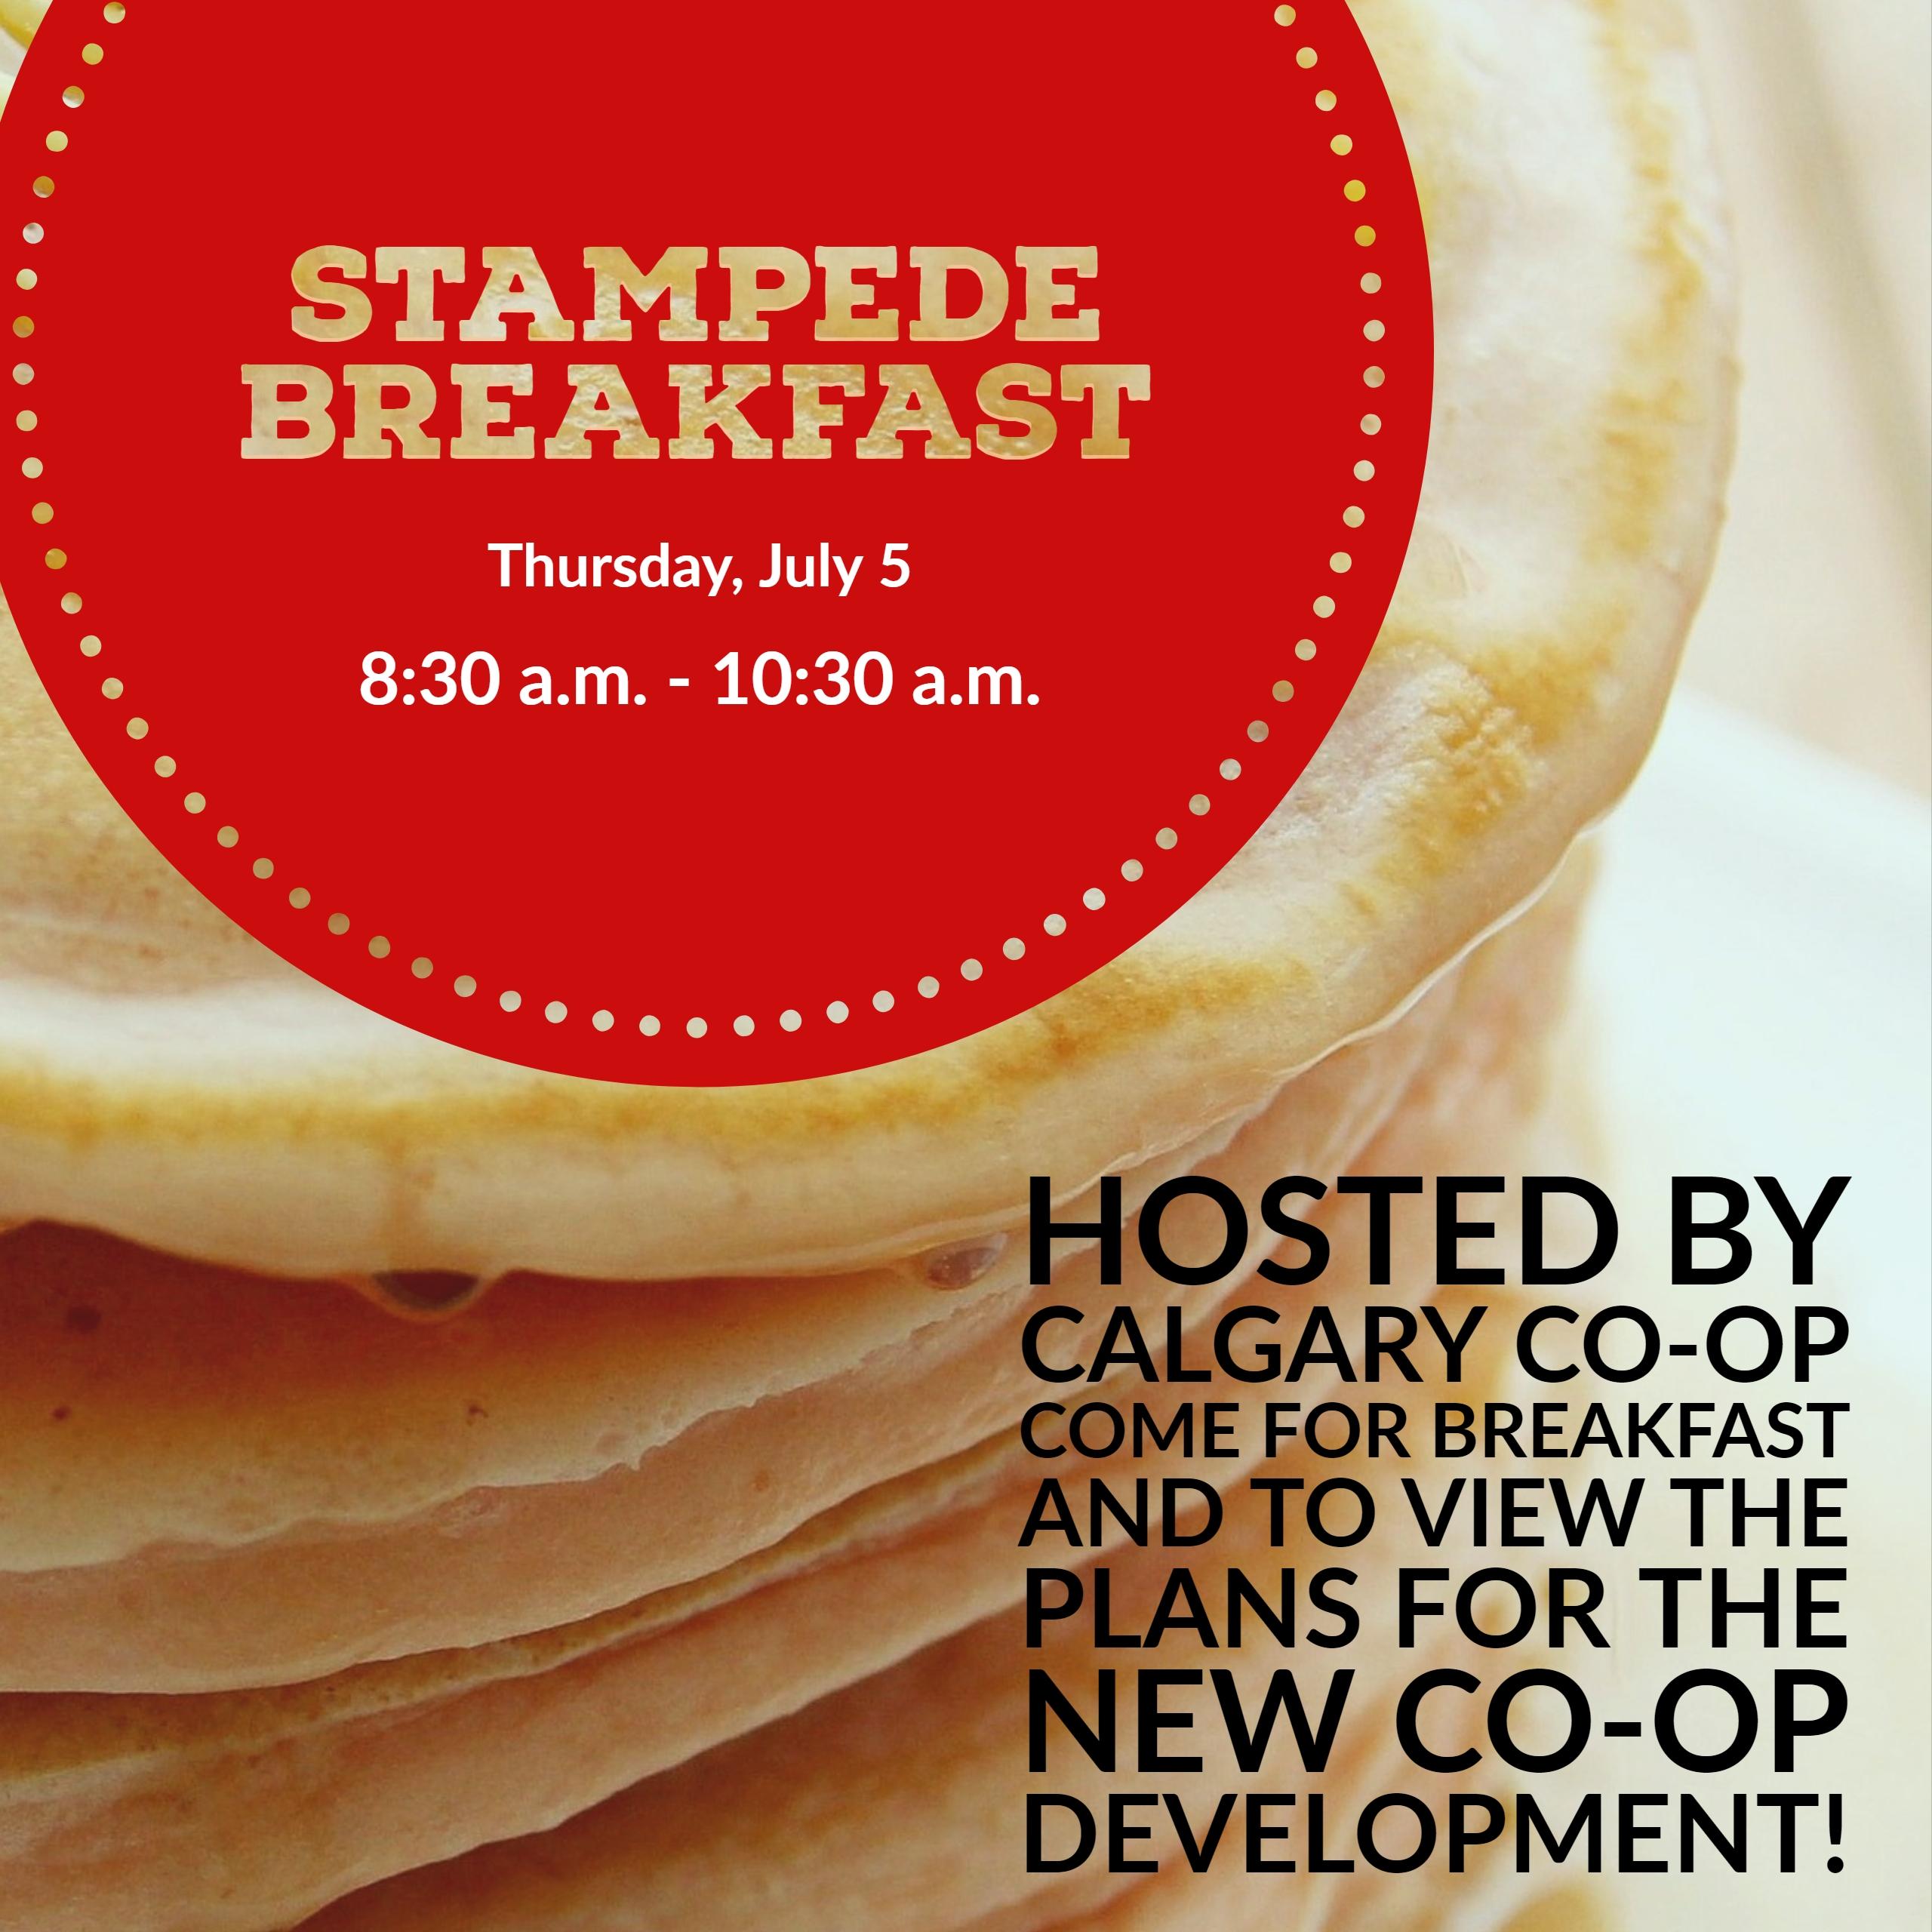 Co Op Stampede Breakfast July 5 8 30am 10 30am Winston